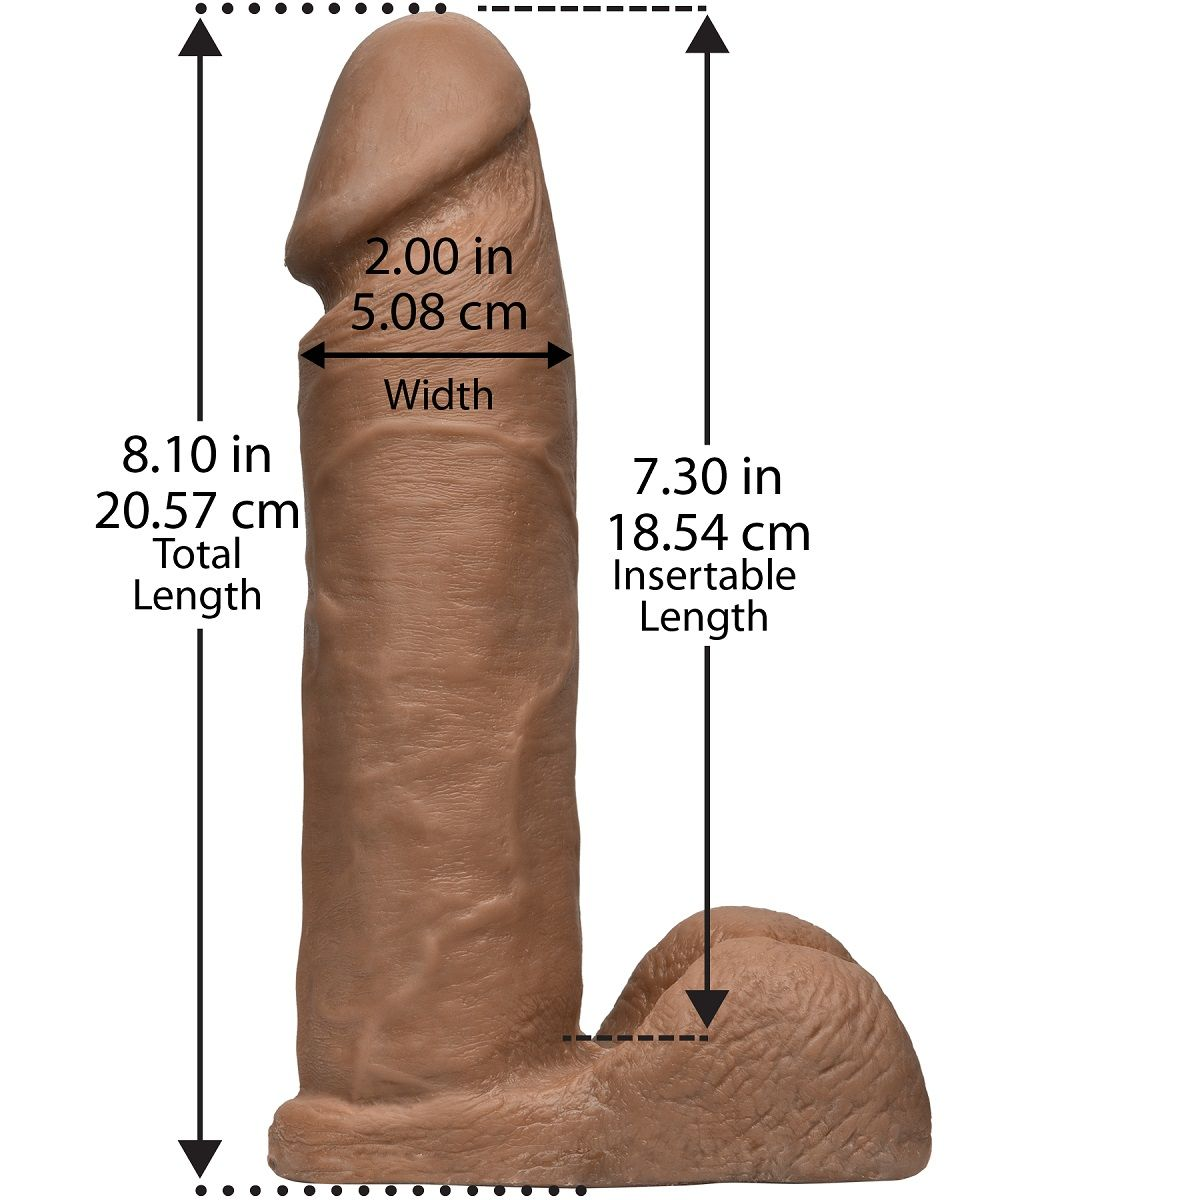 Насадка-реалистик для трусиков Харнесс Vac-U-Lock 8  ULTRASKYN Cock - 20,6 см. - фото 132494